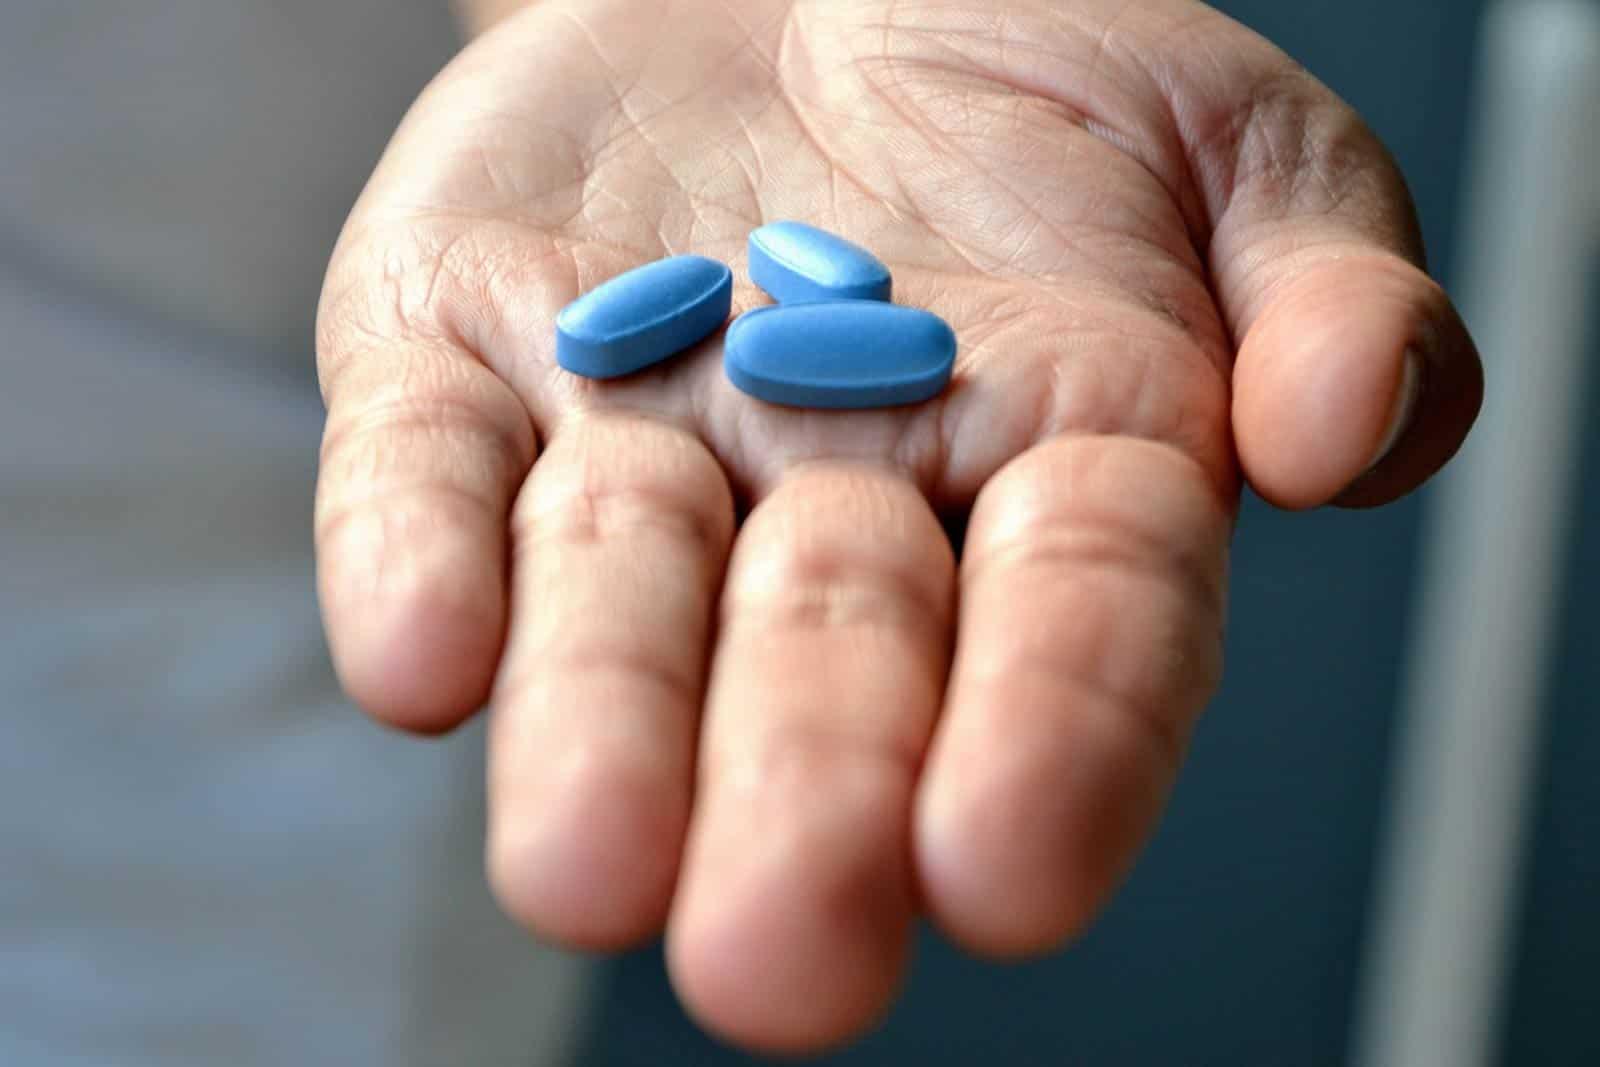 Tablete za povećanje spolnog organa